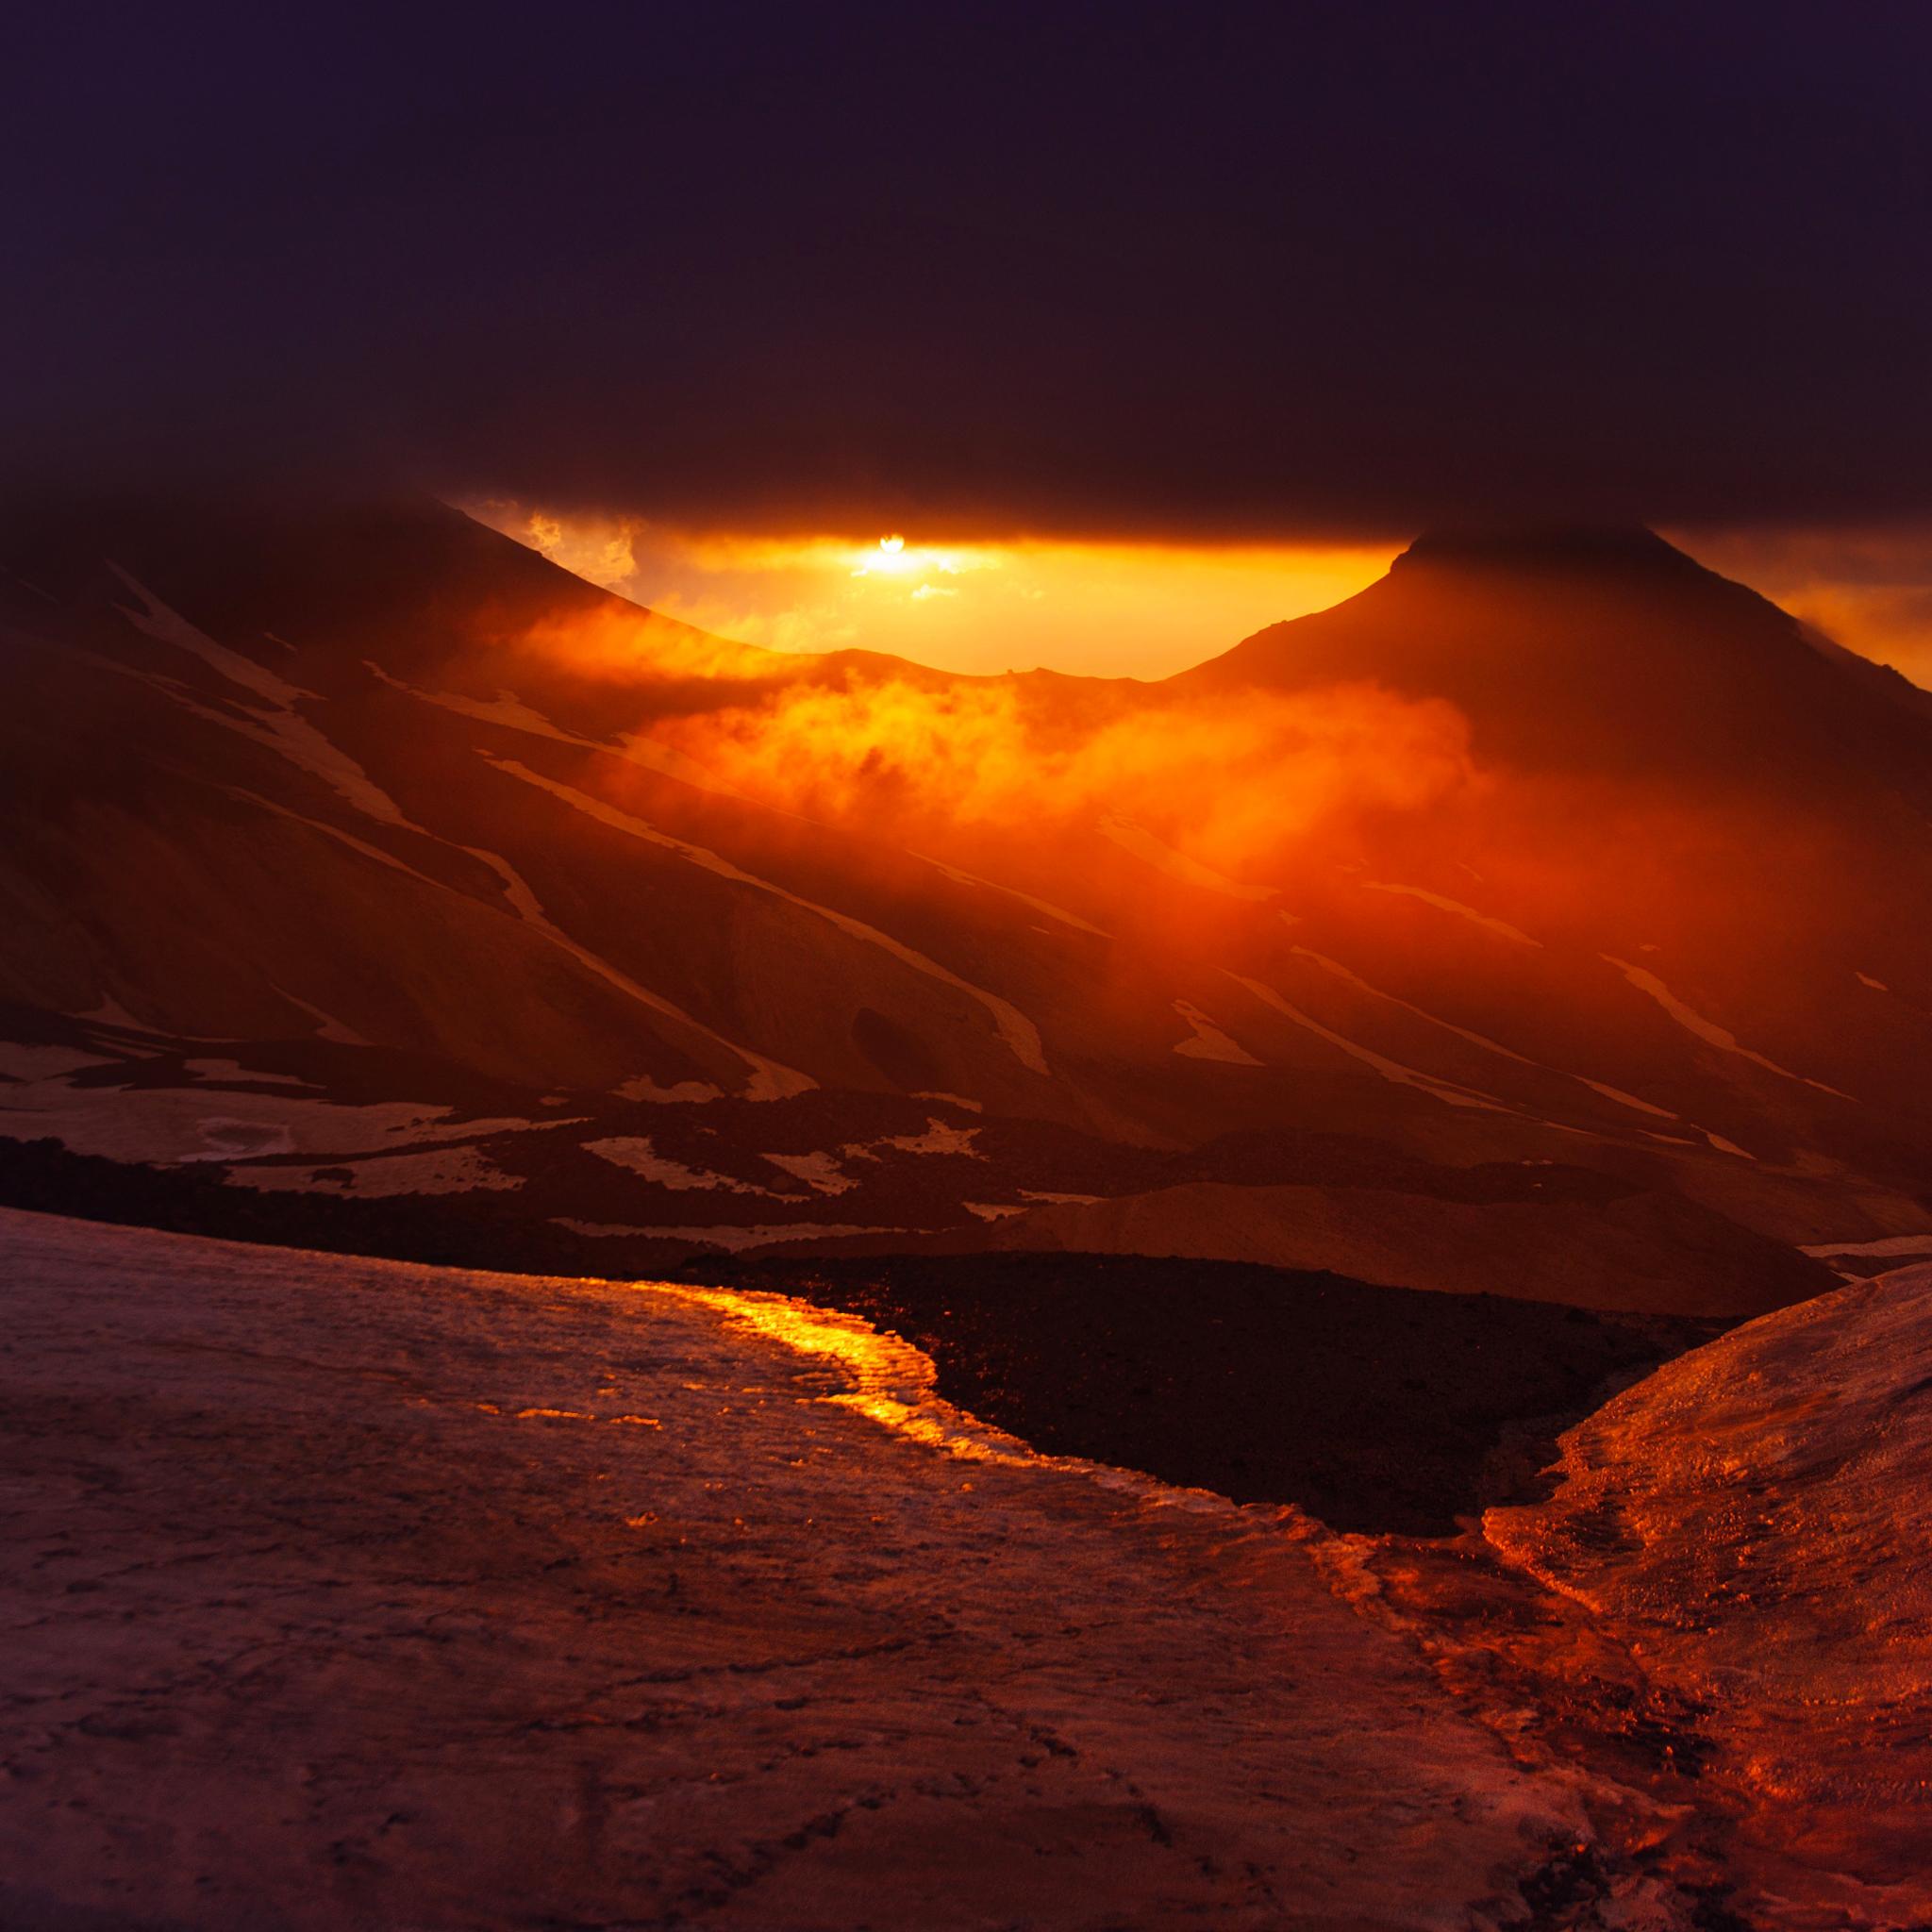 Mount_Aragats-3Wallpapers-iPad-Retina